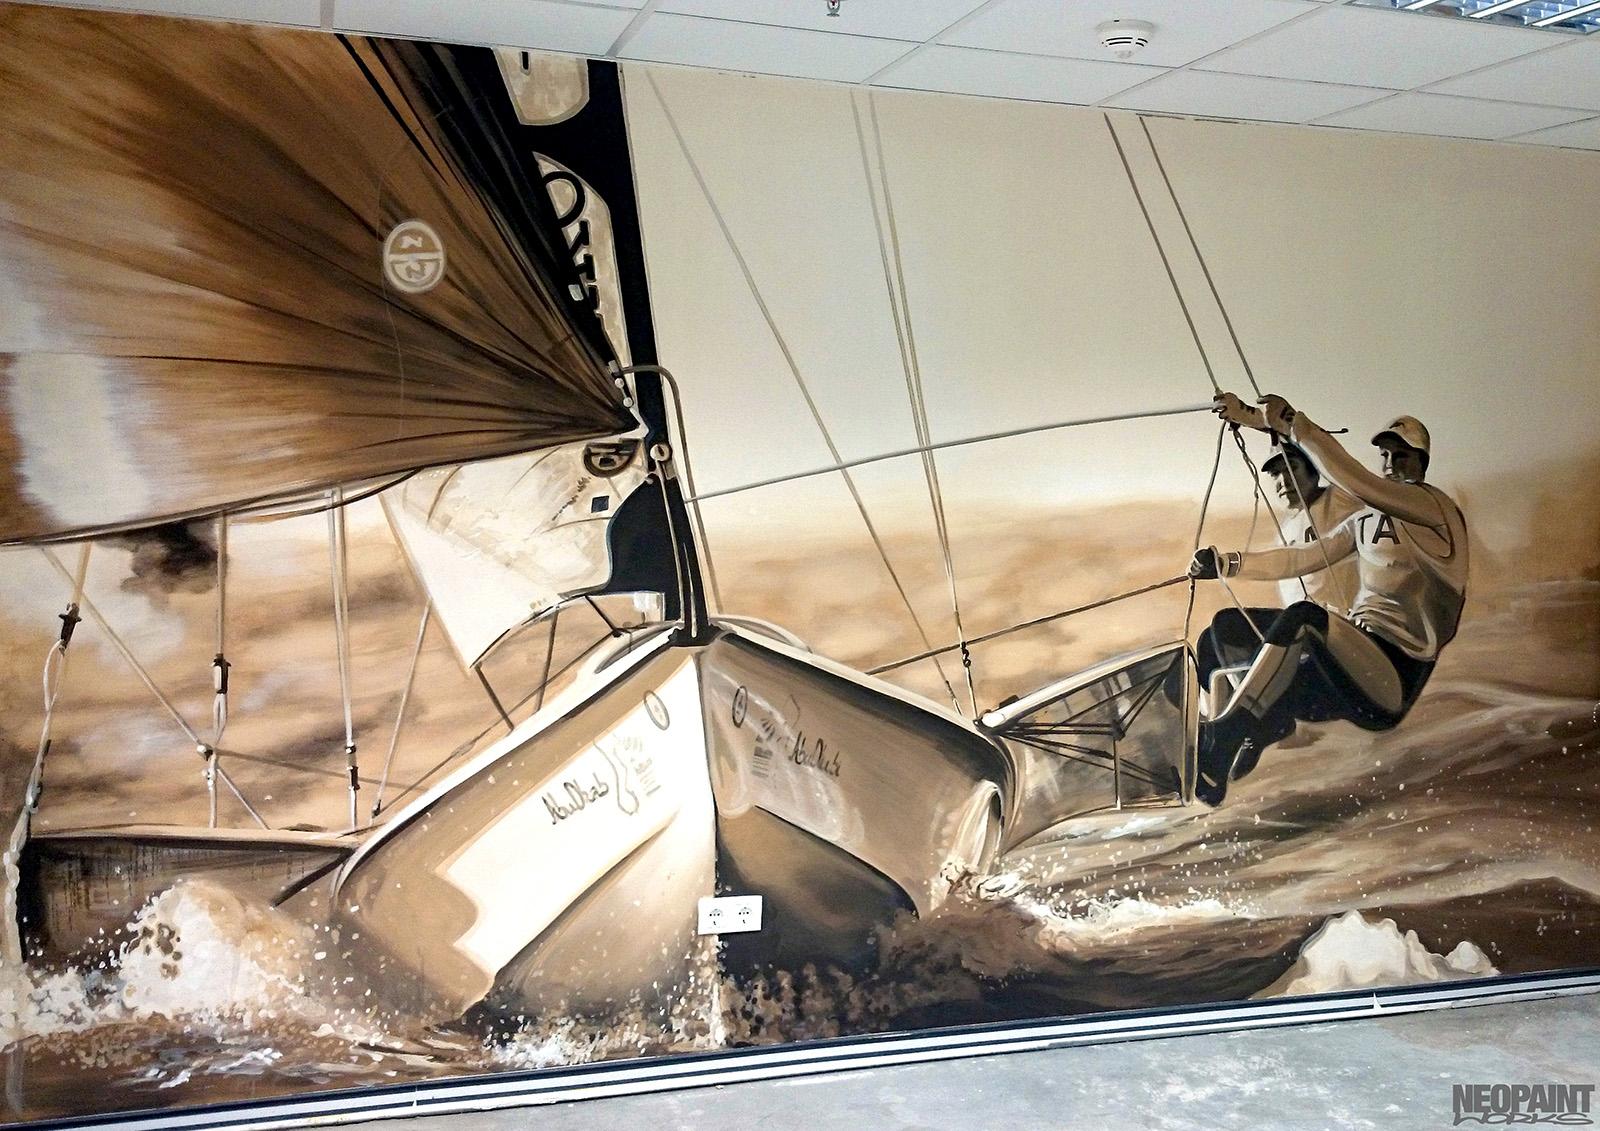 faldekoráció festve - graffiti - festmény - neopaint works - sport (5)